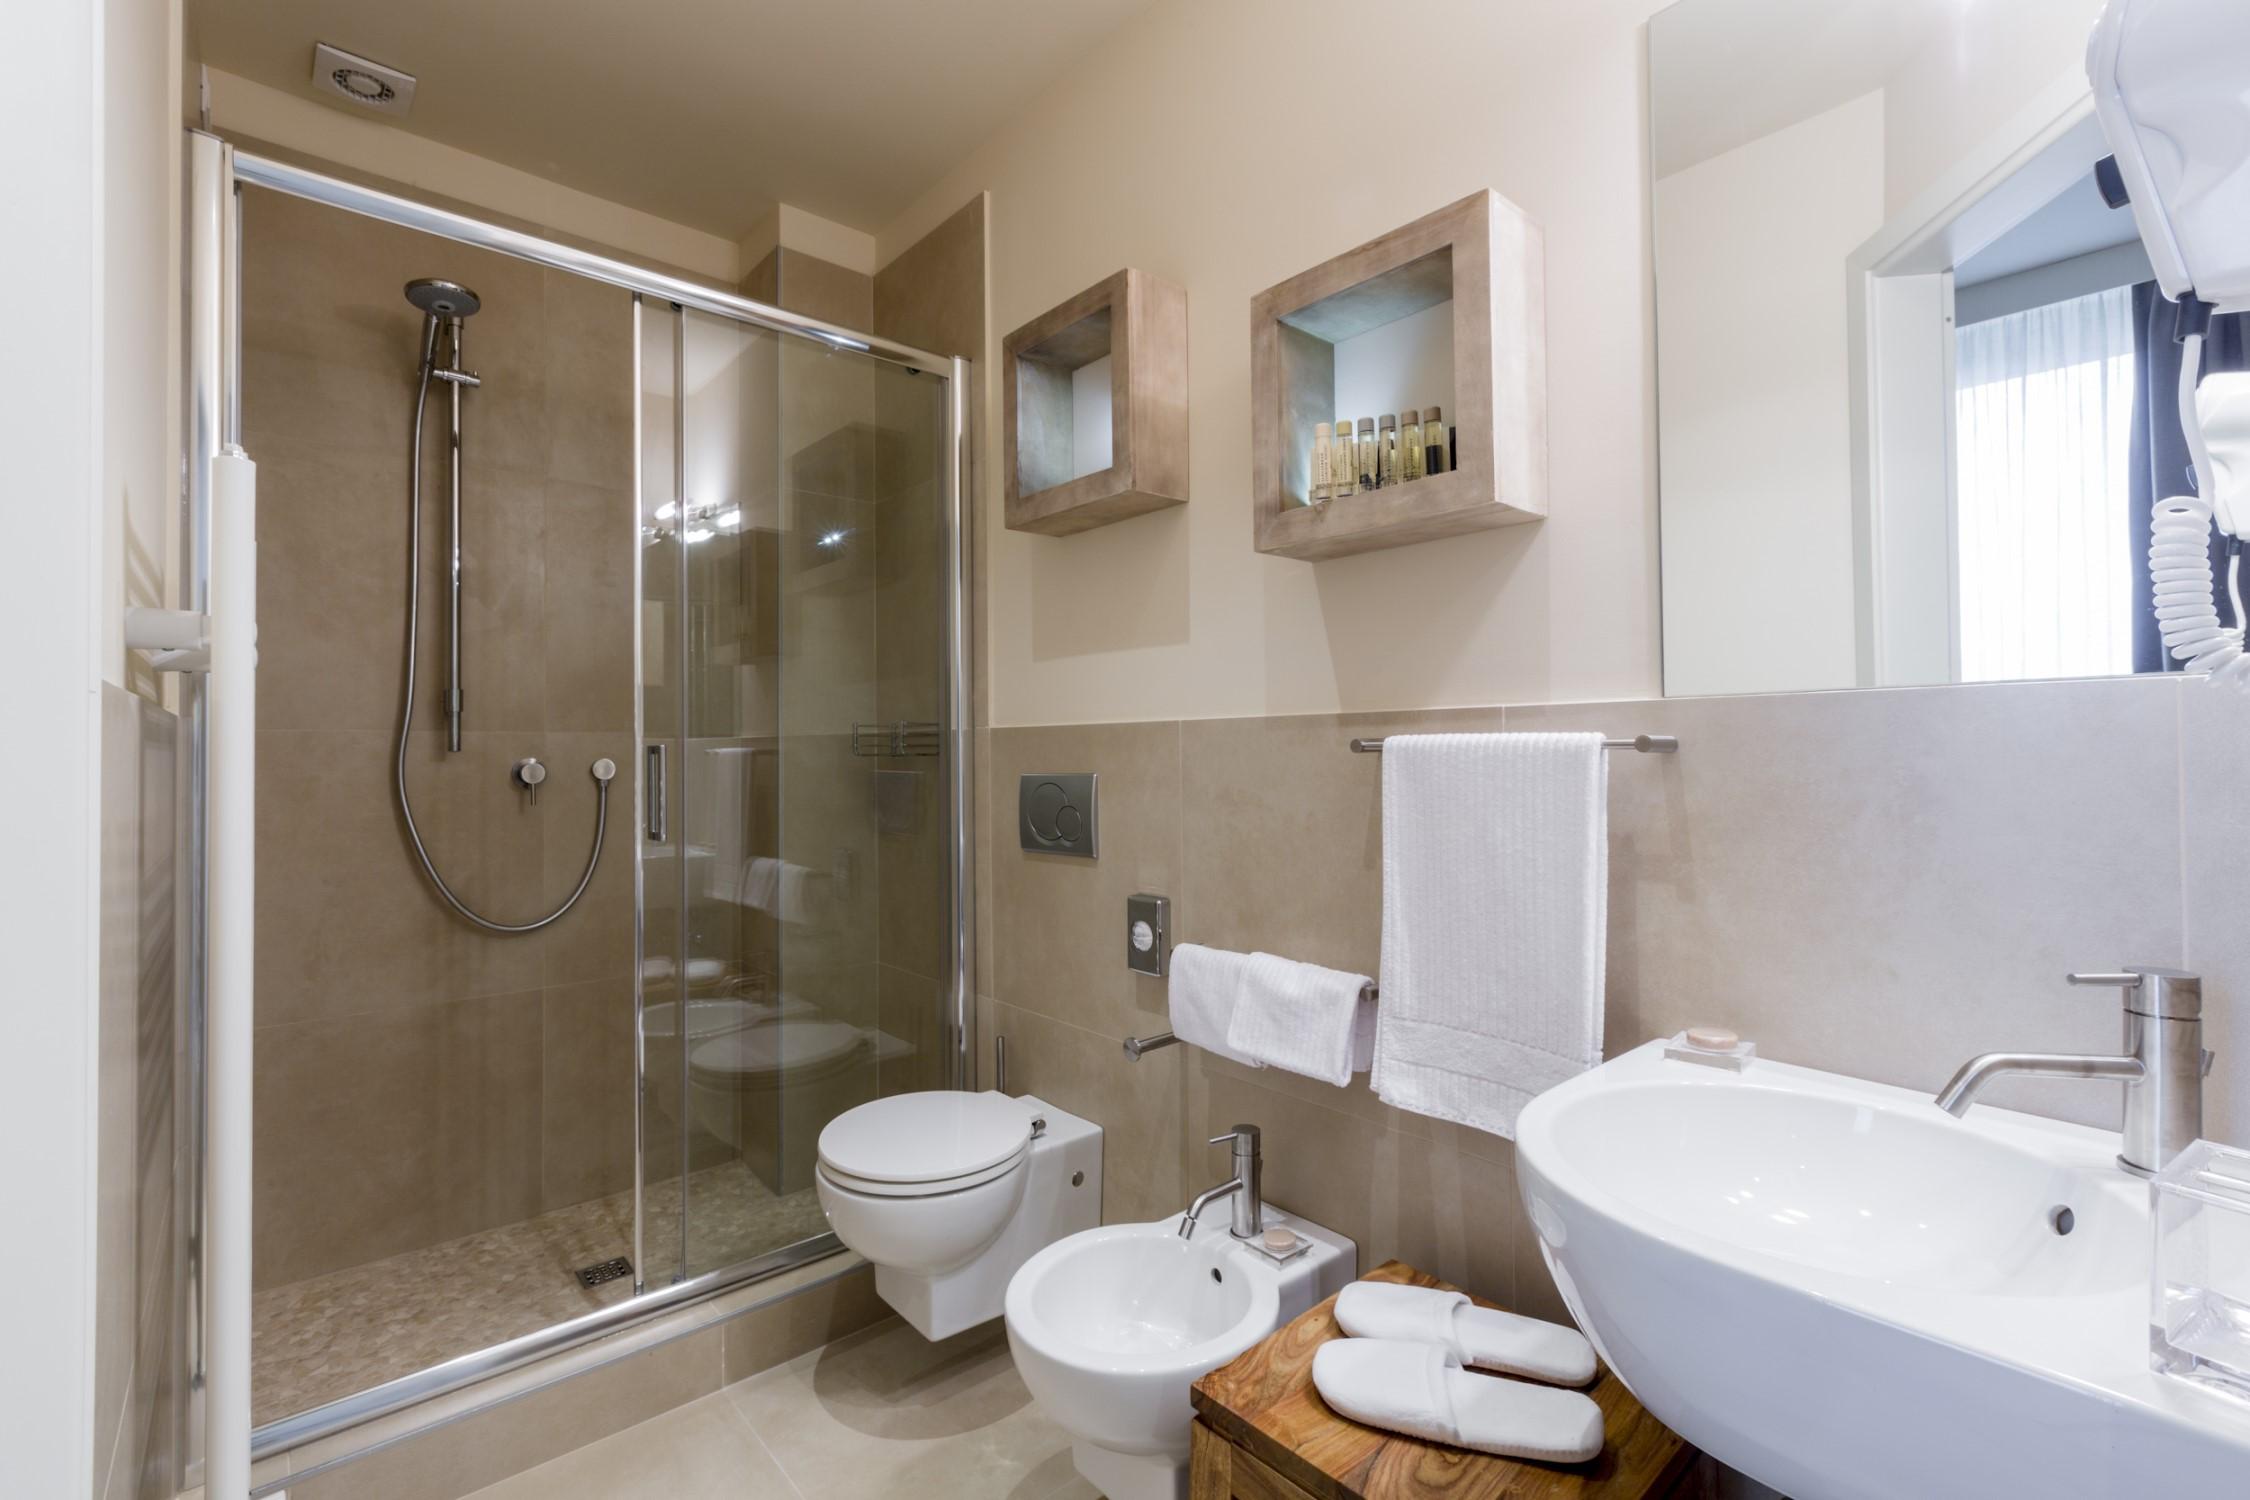 Toilette Bagno Hotel 900 Giulianova Servizi Charme Luxury Business Leisure Vacanza